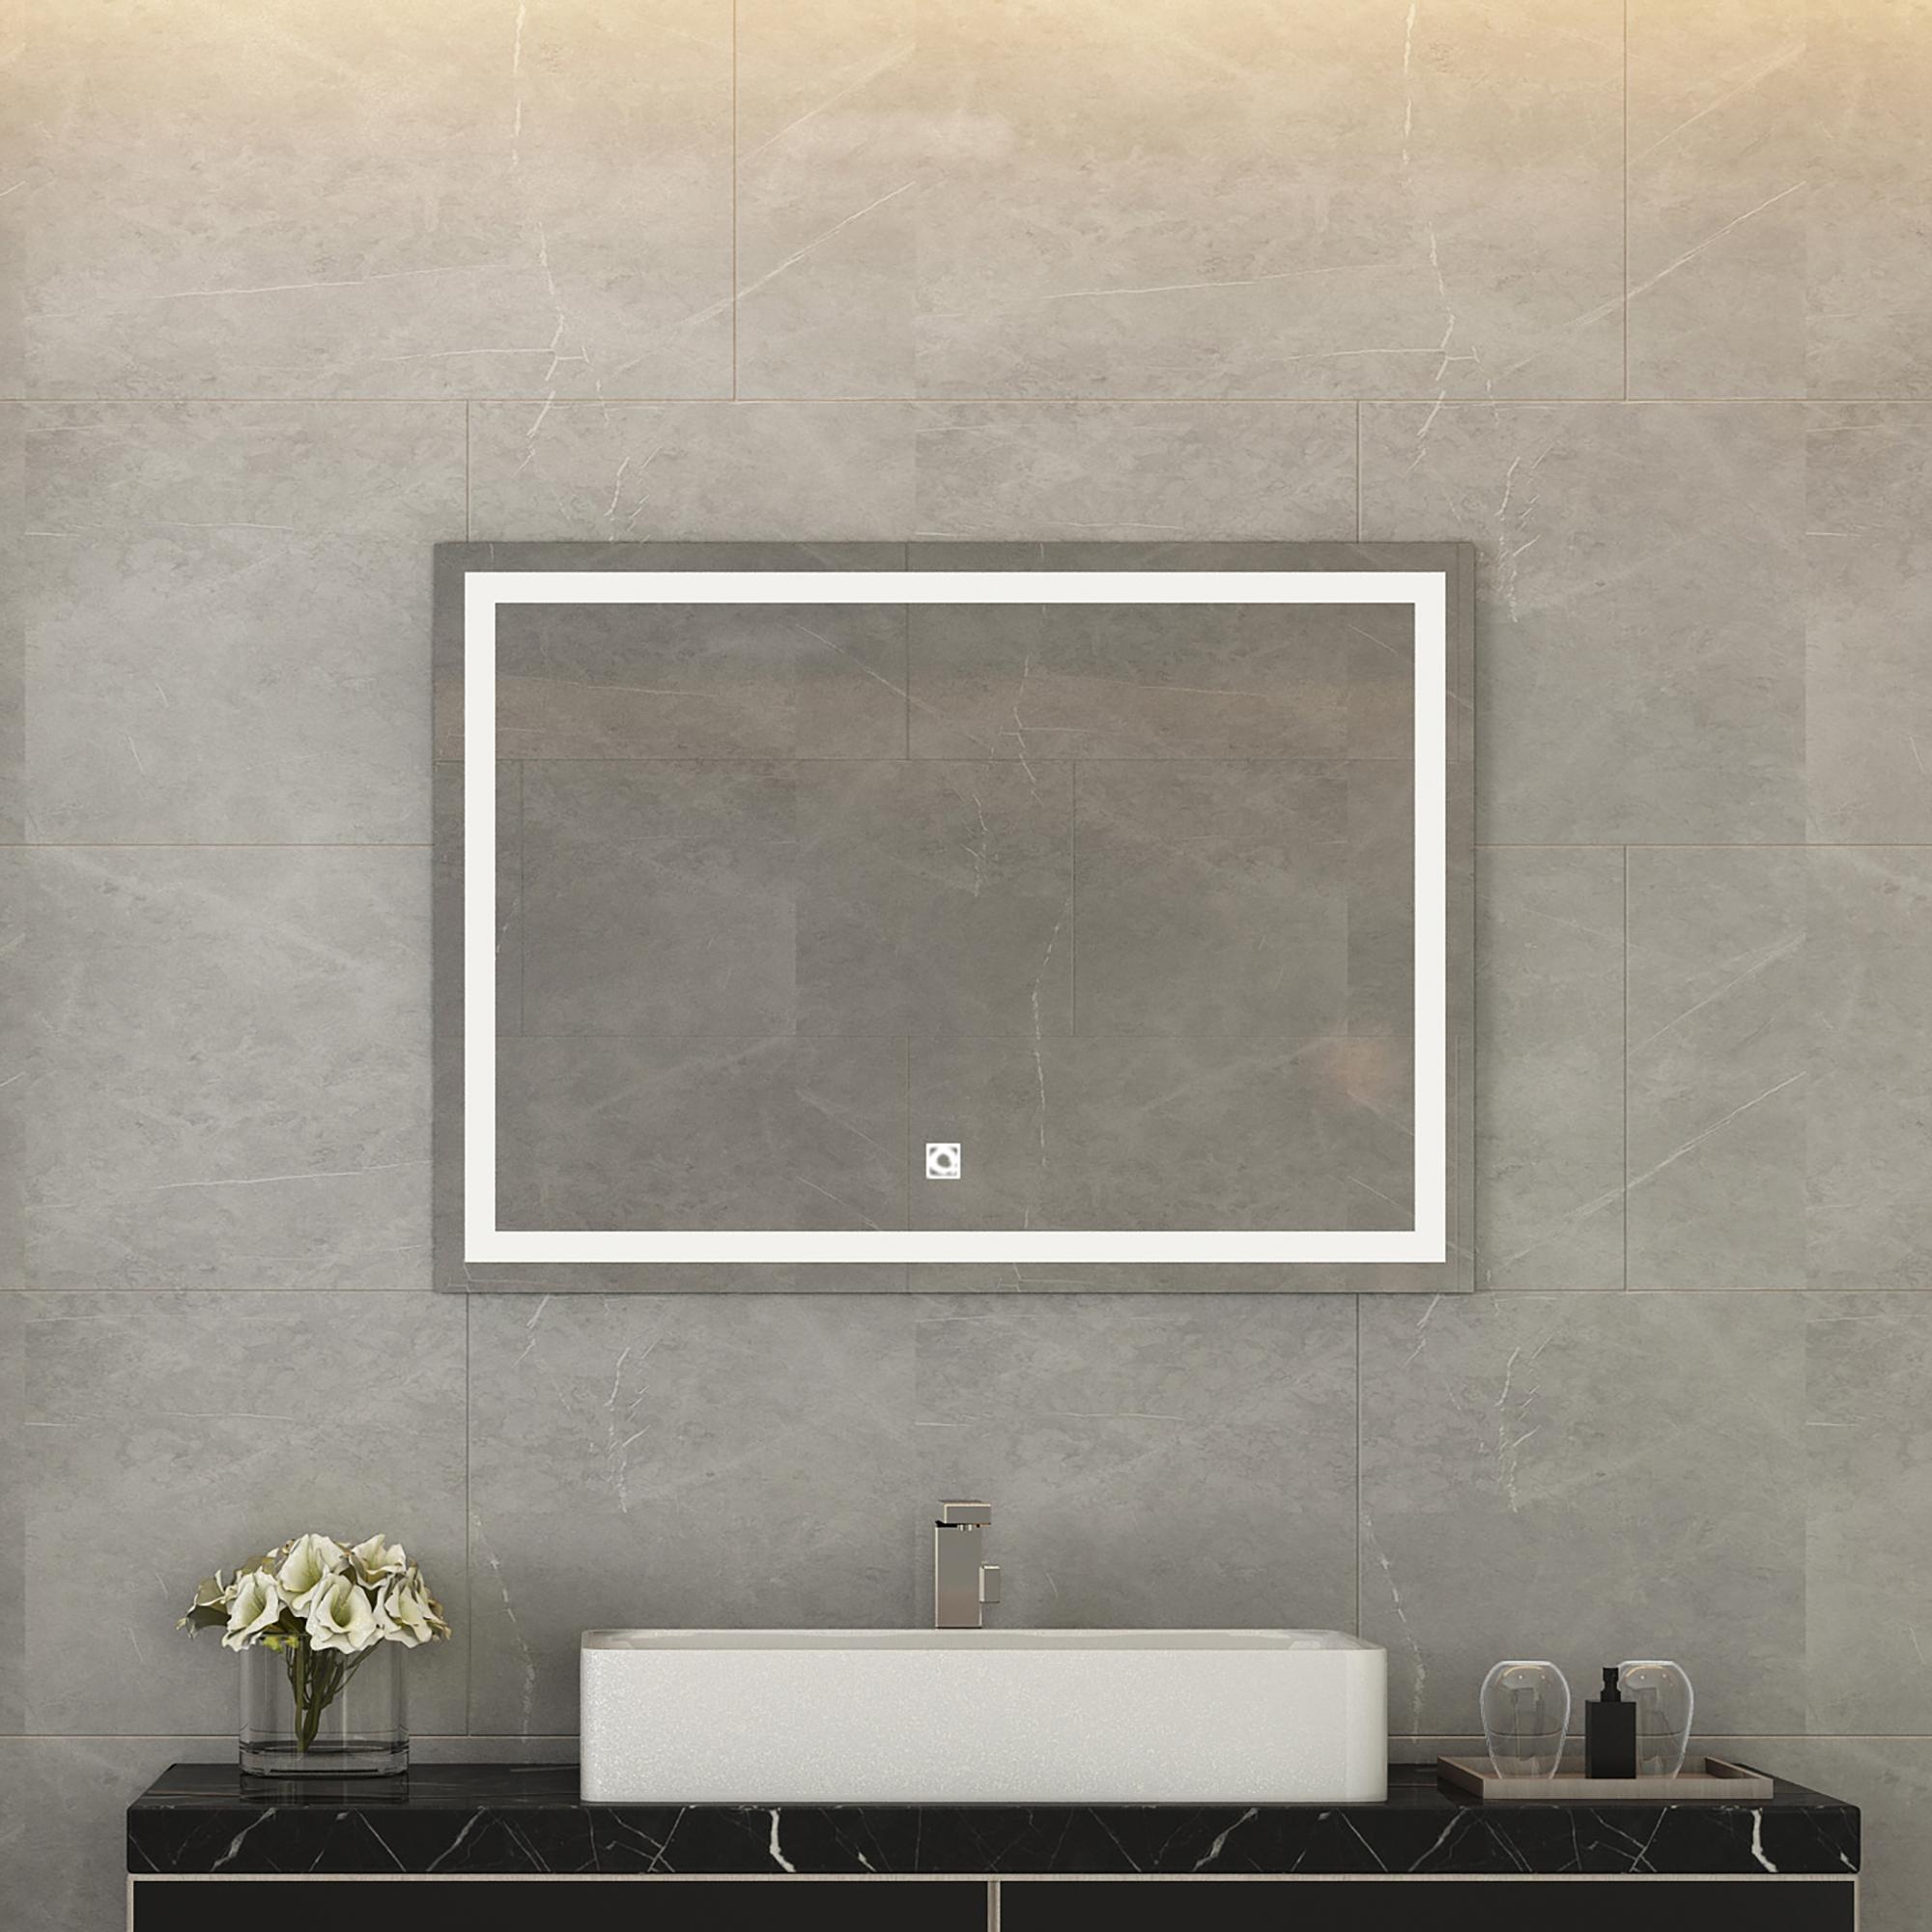 [US Direct] Bathroom Vanity LED Lighted Mirror